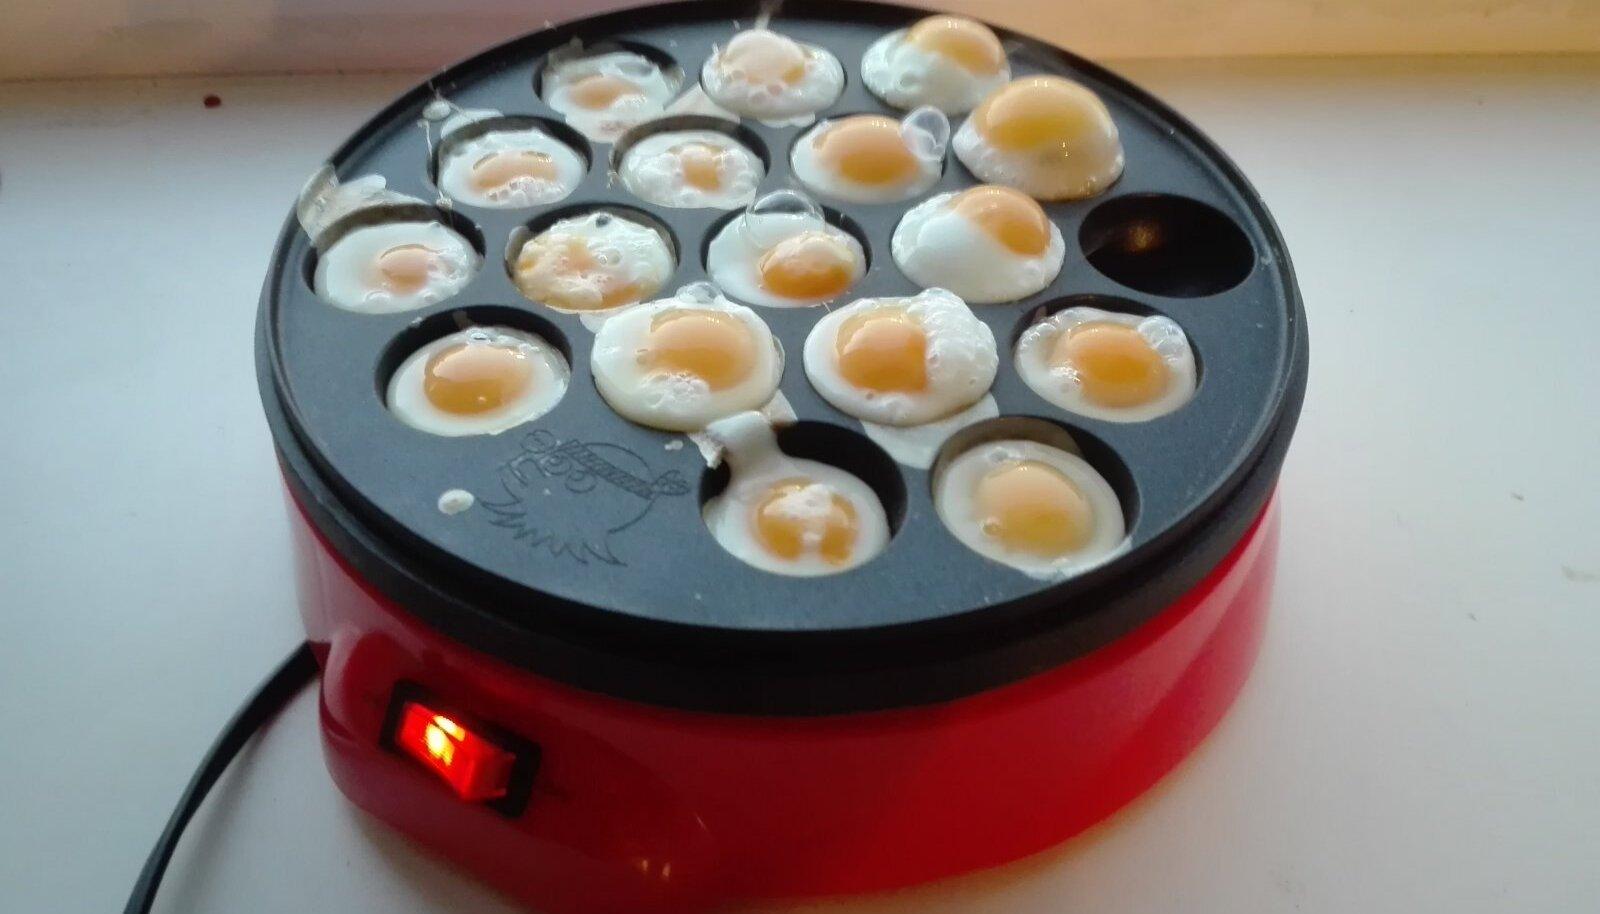 Vutimune saab küpsetada spetsiaalse elektrilise panniga.